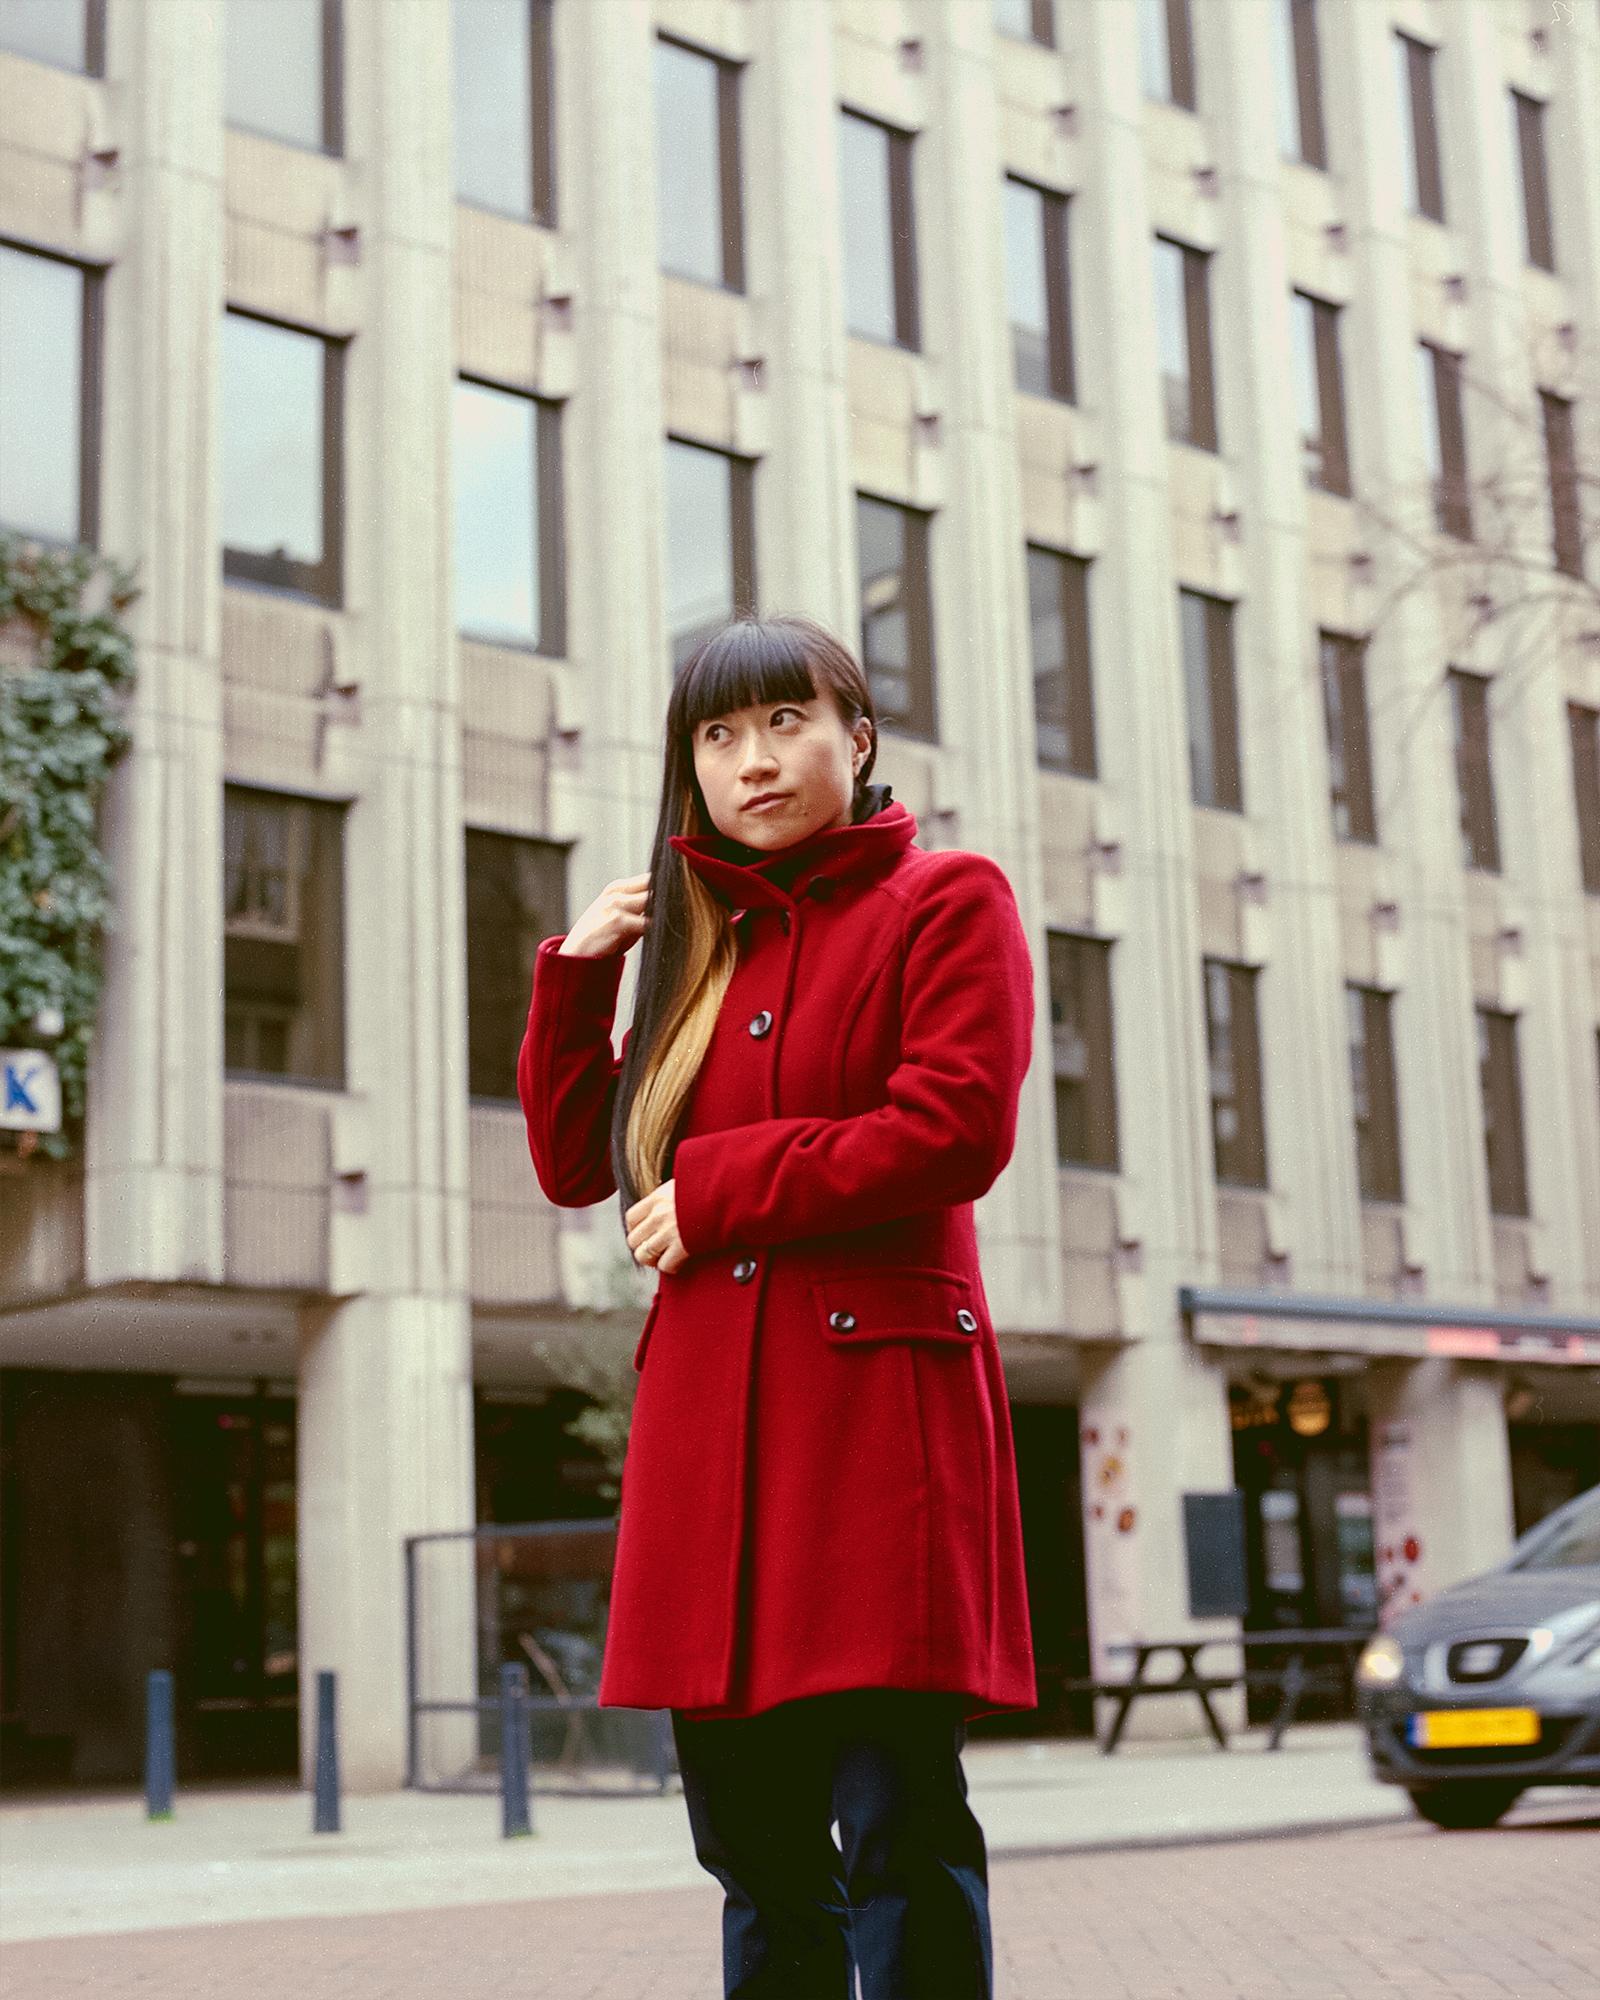 Mariko Shimoda